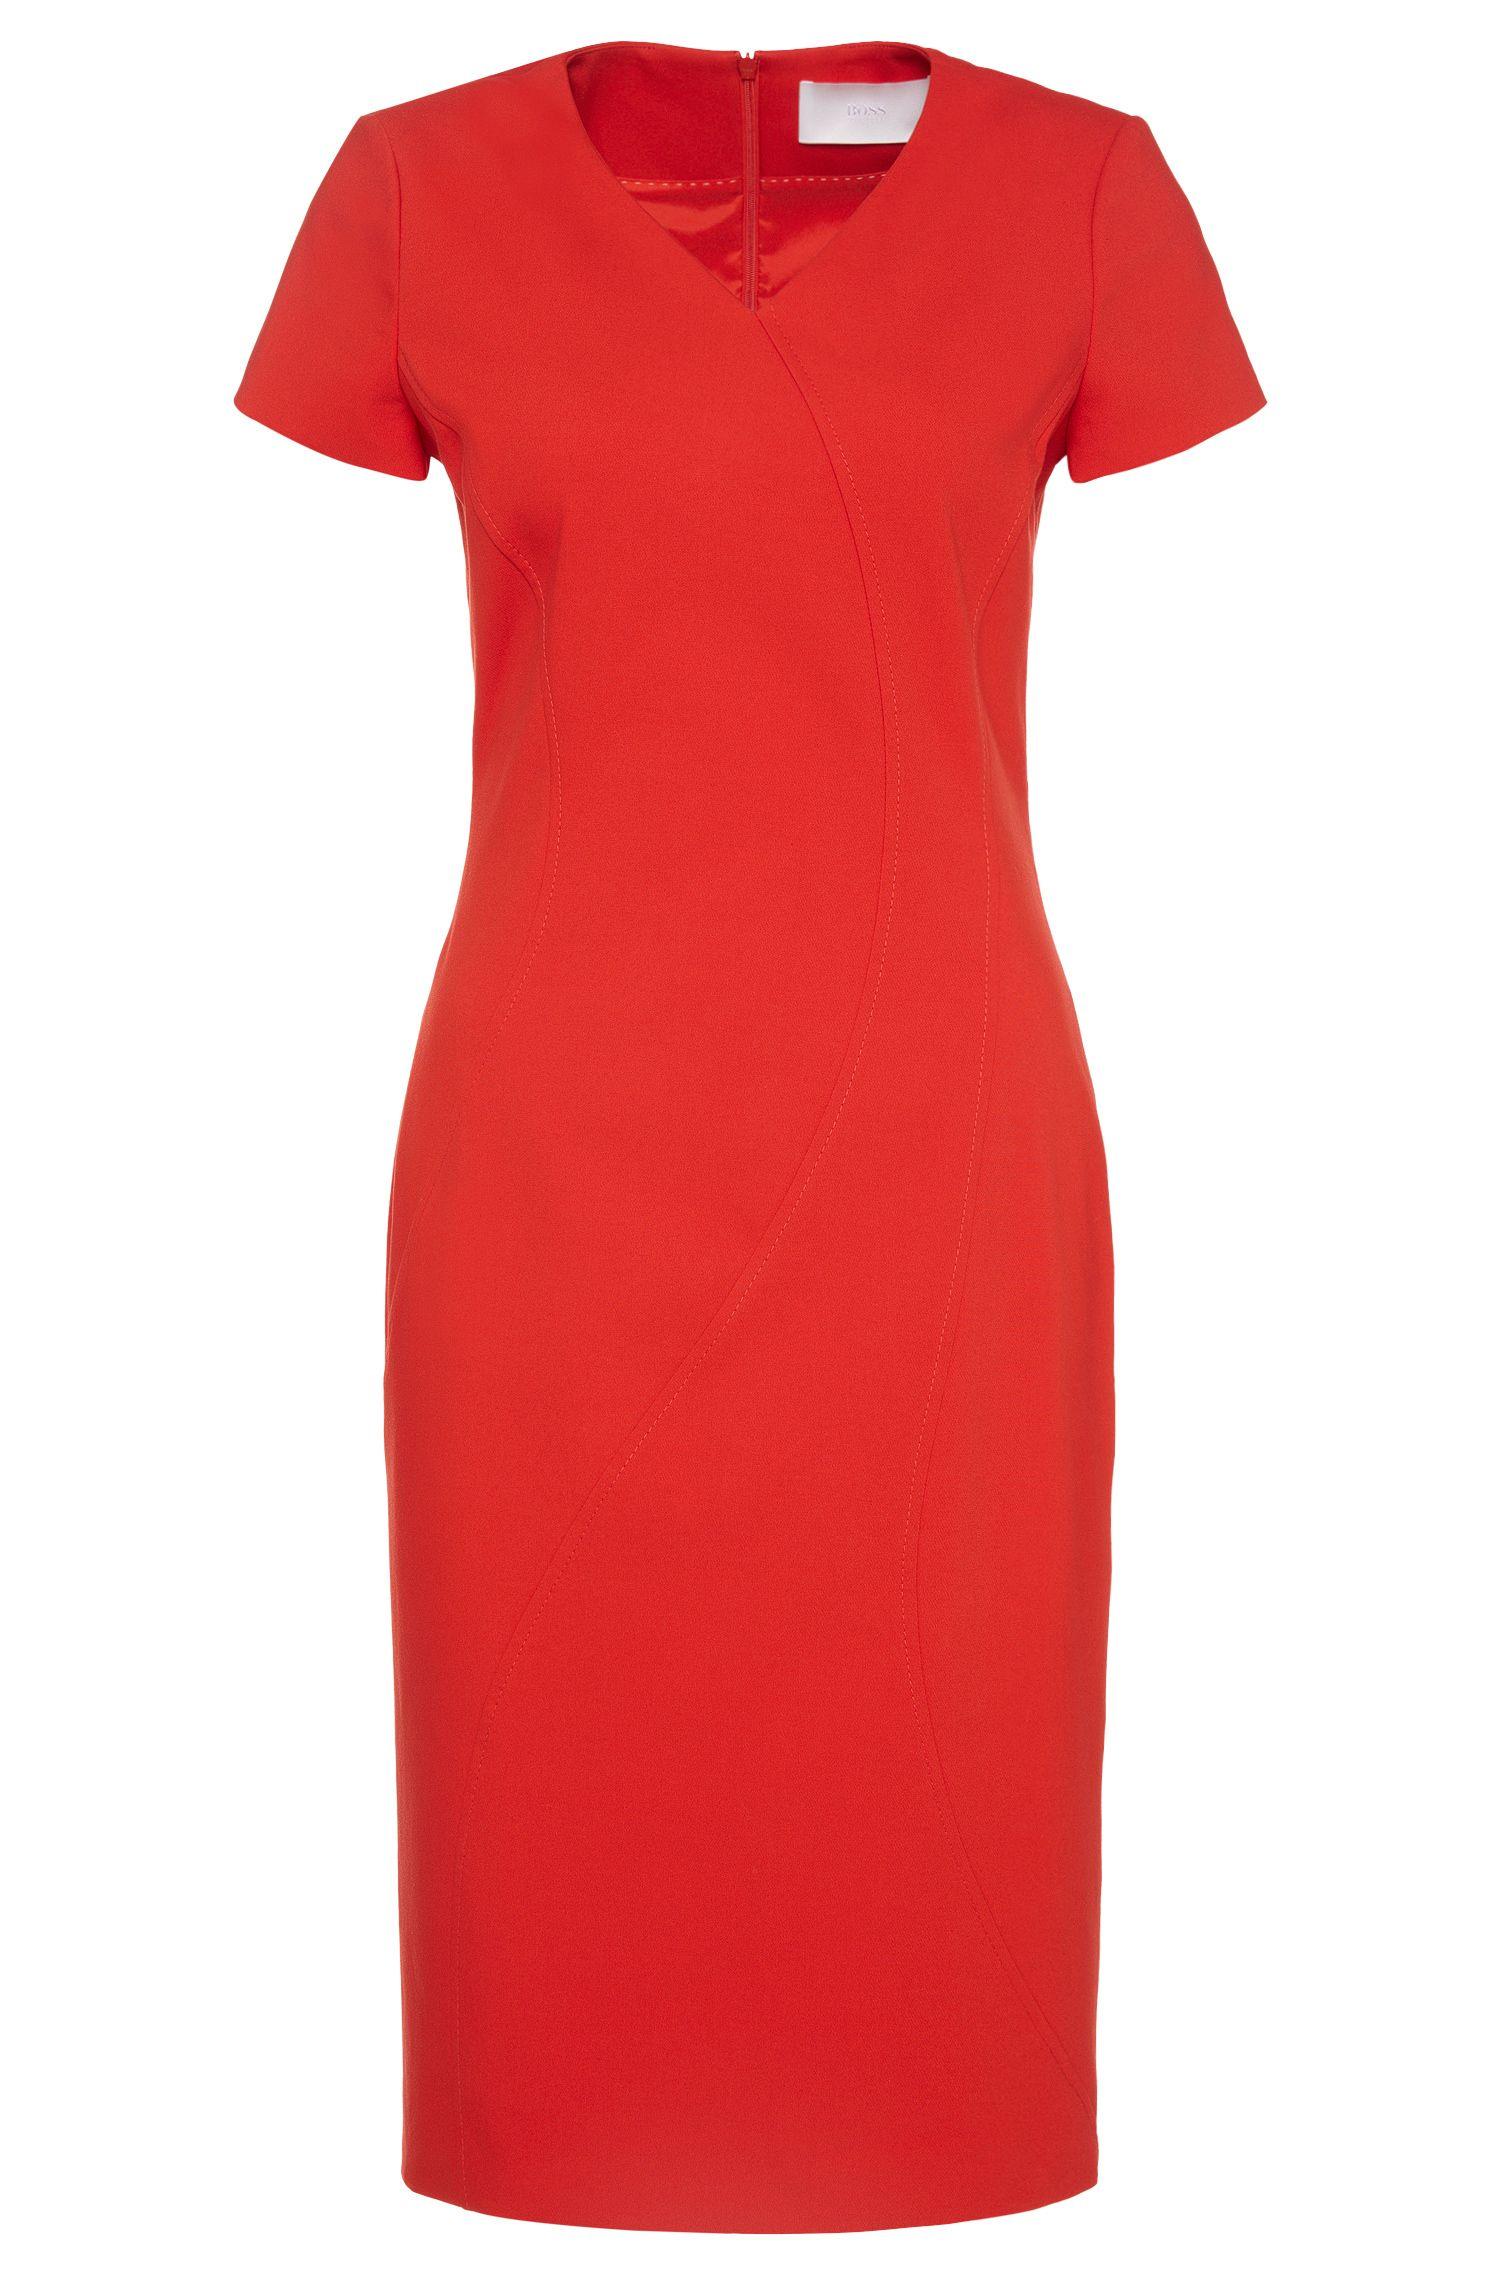 'Dydali' | Stretch Cotton Blend Sheath Dress